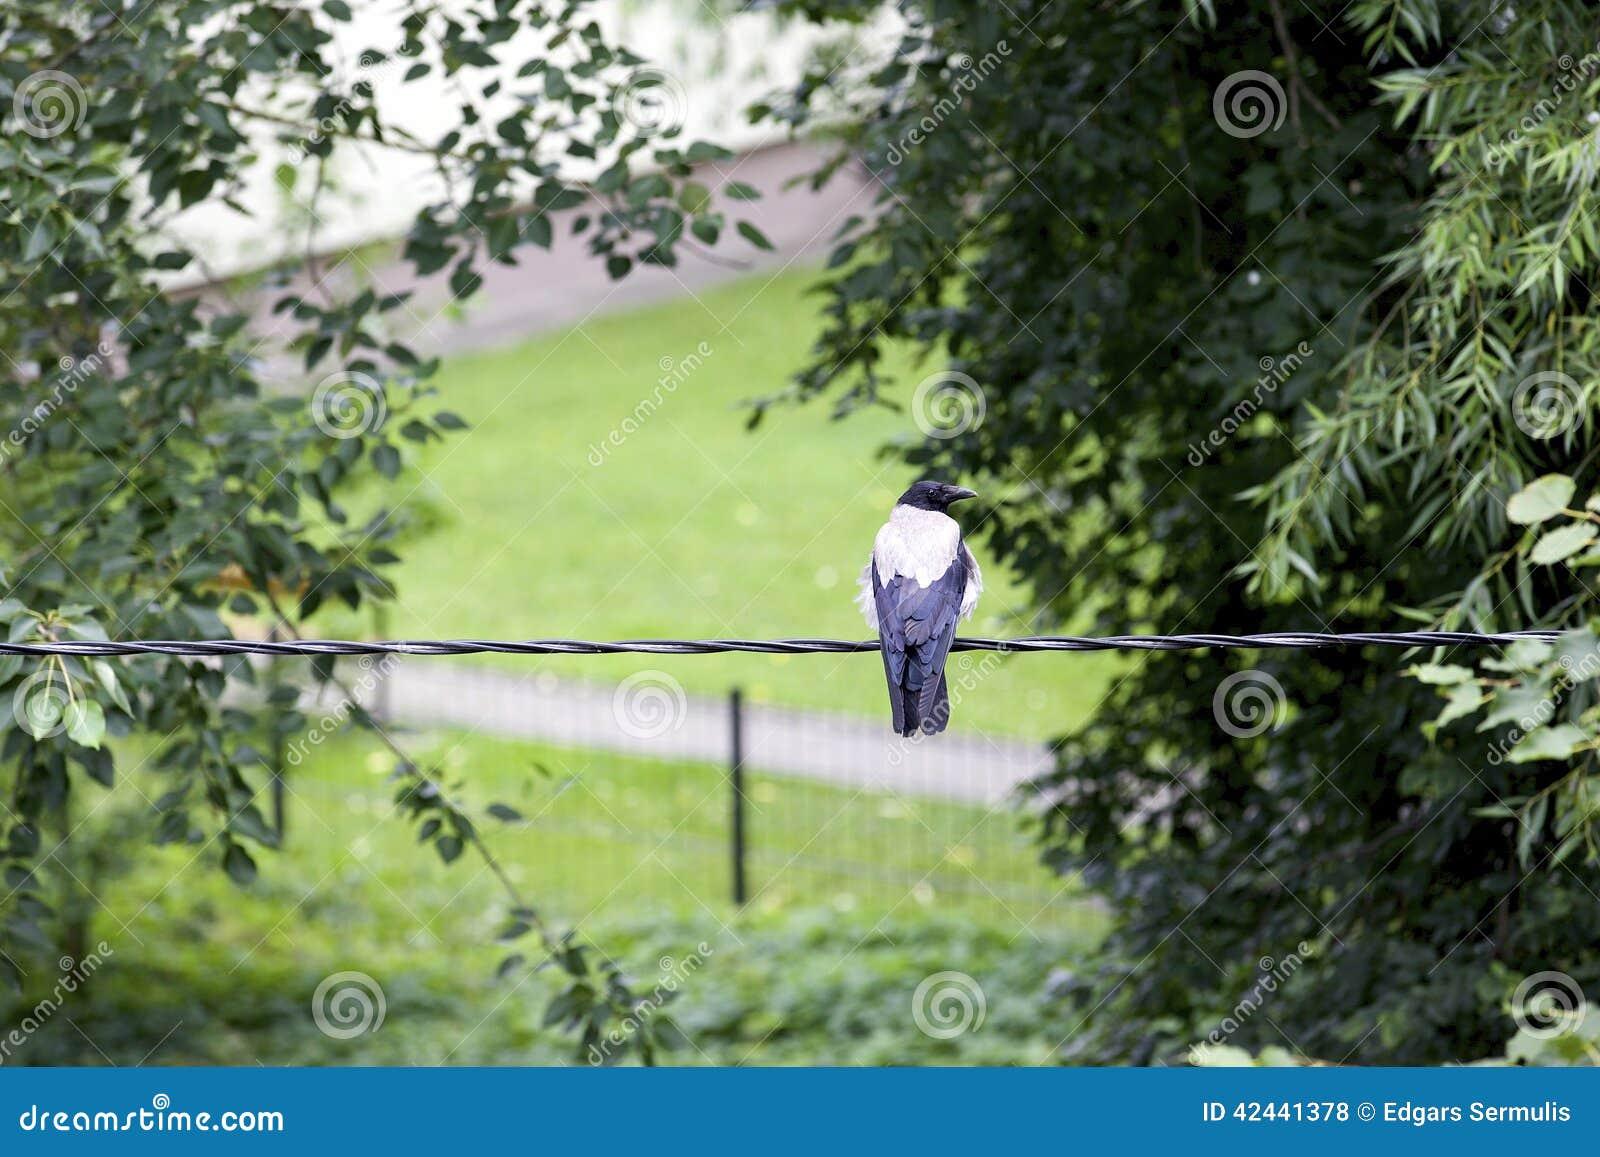 Cuervo en los alambres eléctricos